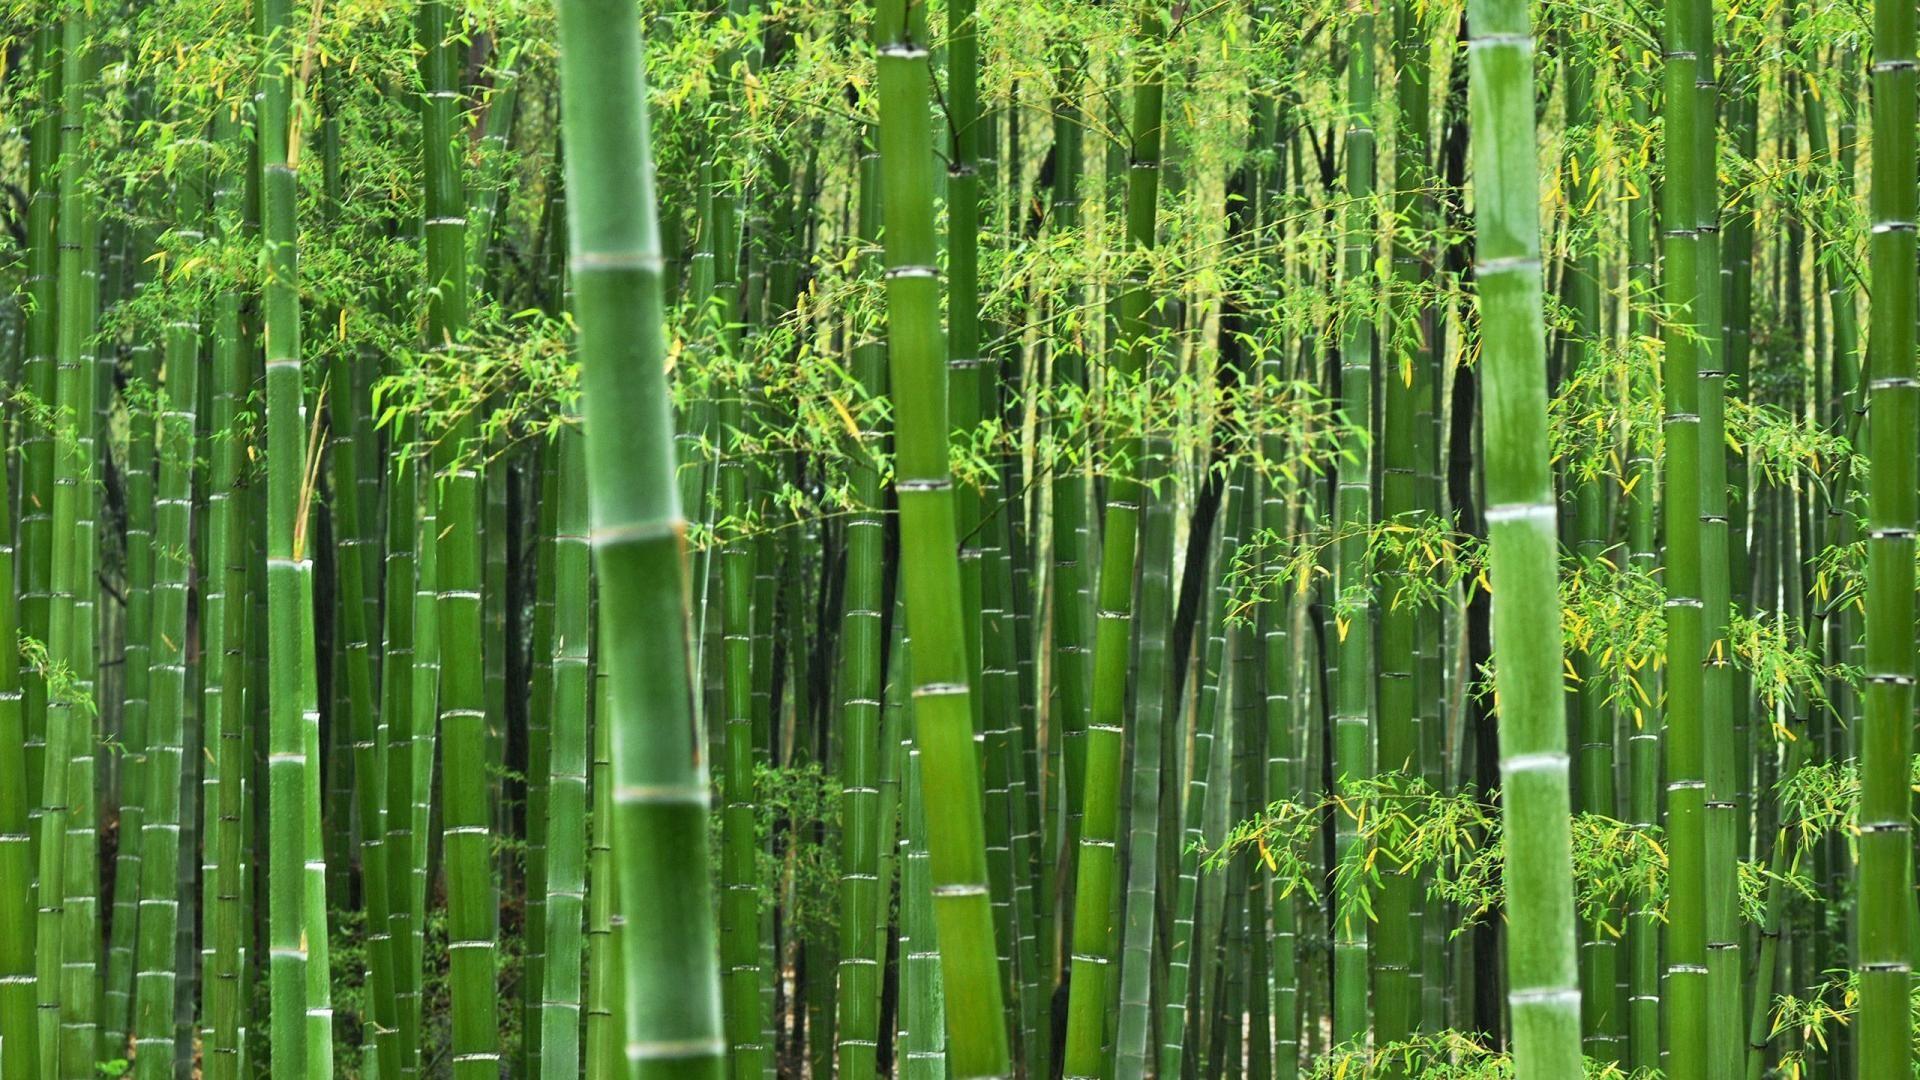 Free Hd Bamboo Wallpapers Plantas De Bambu Tenido De Telas